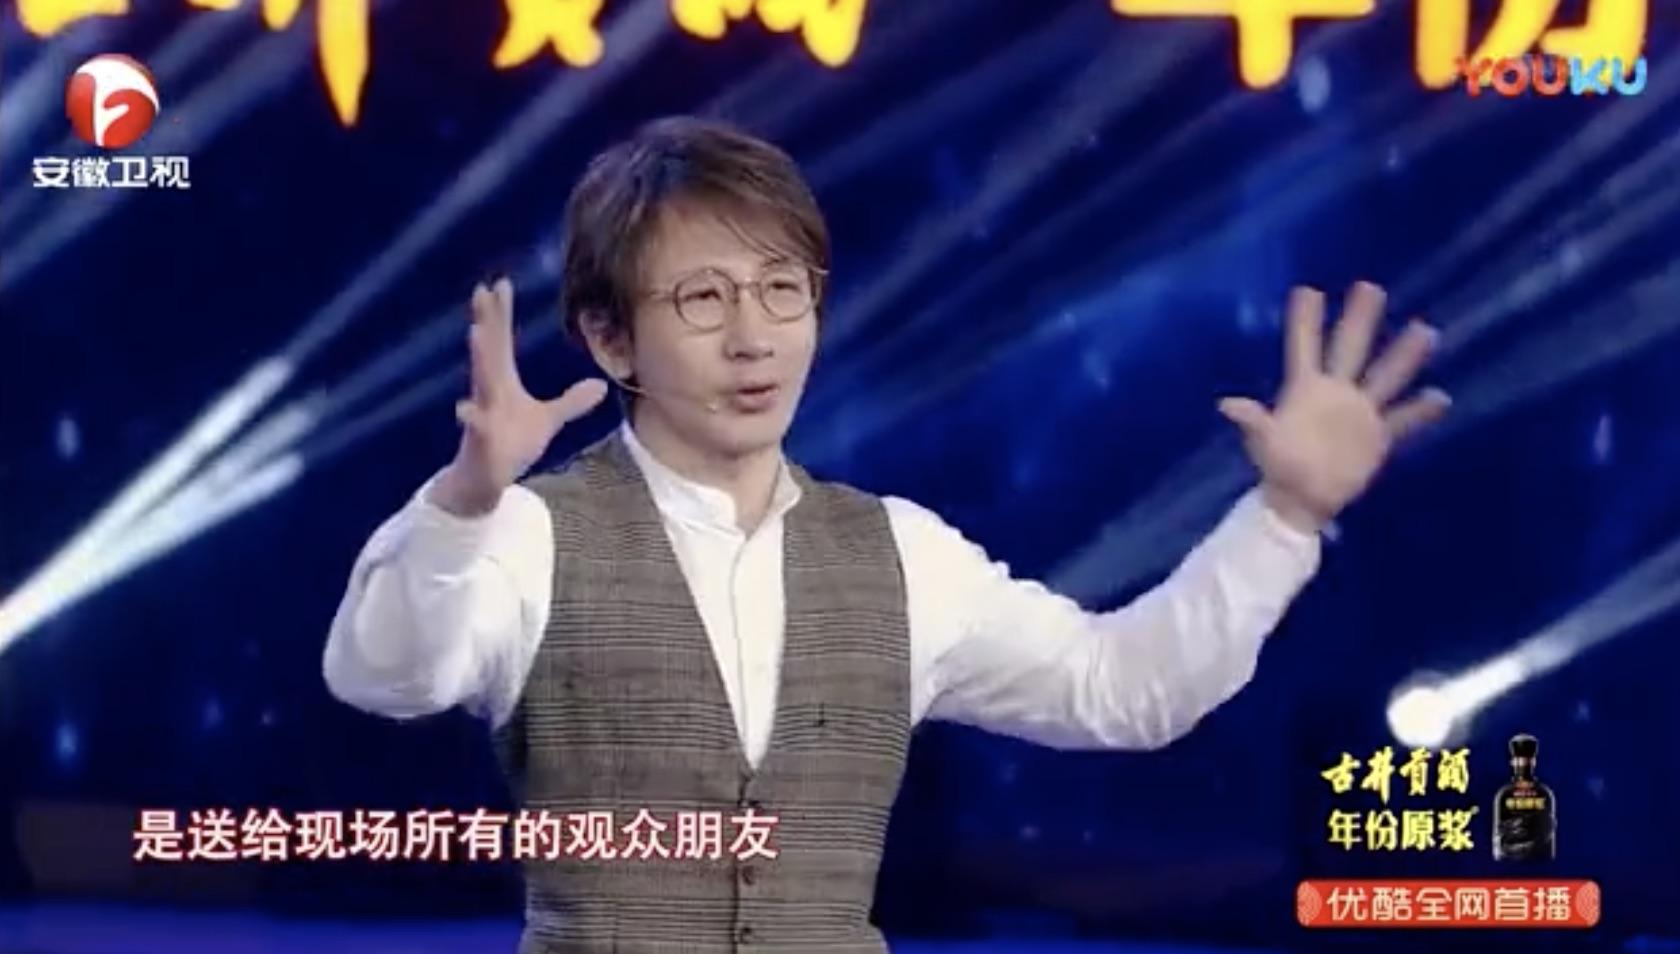 201安徽卫视春晚刘谦魔术《千里挑一》